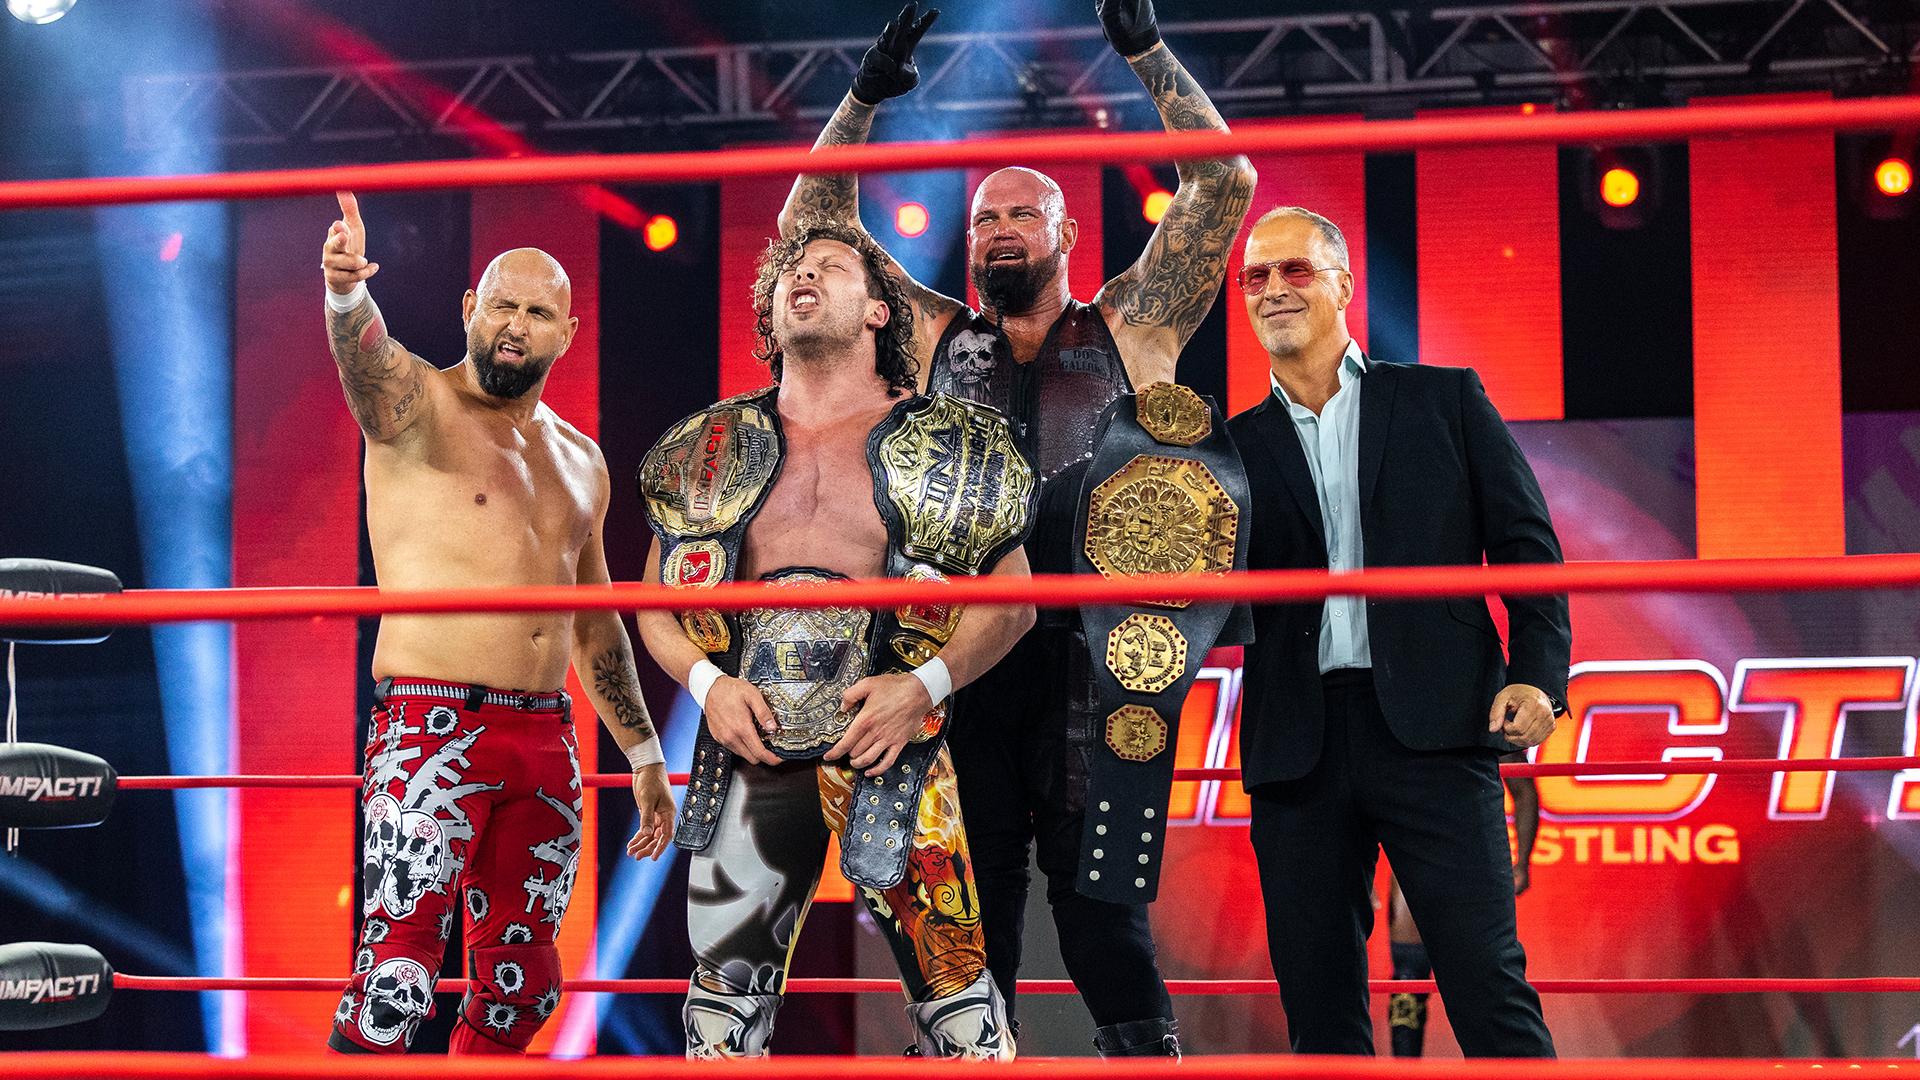 IMPACT Wrestling tem pior audiência de sua história